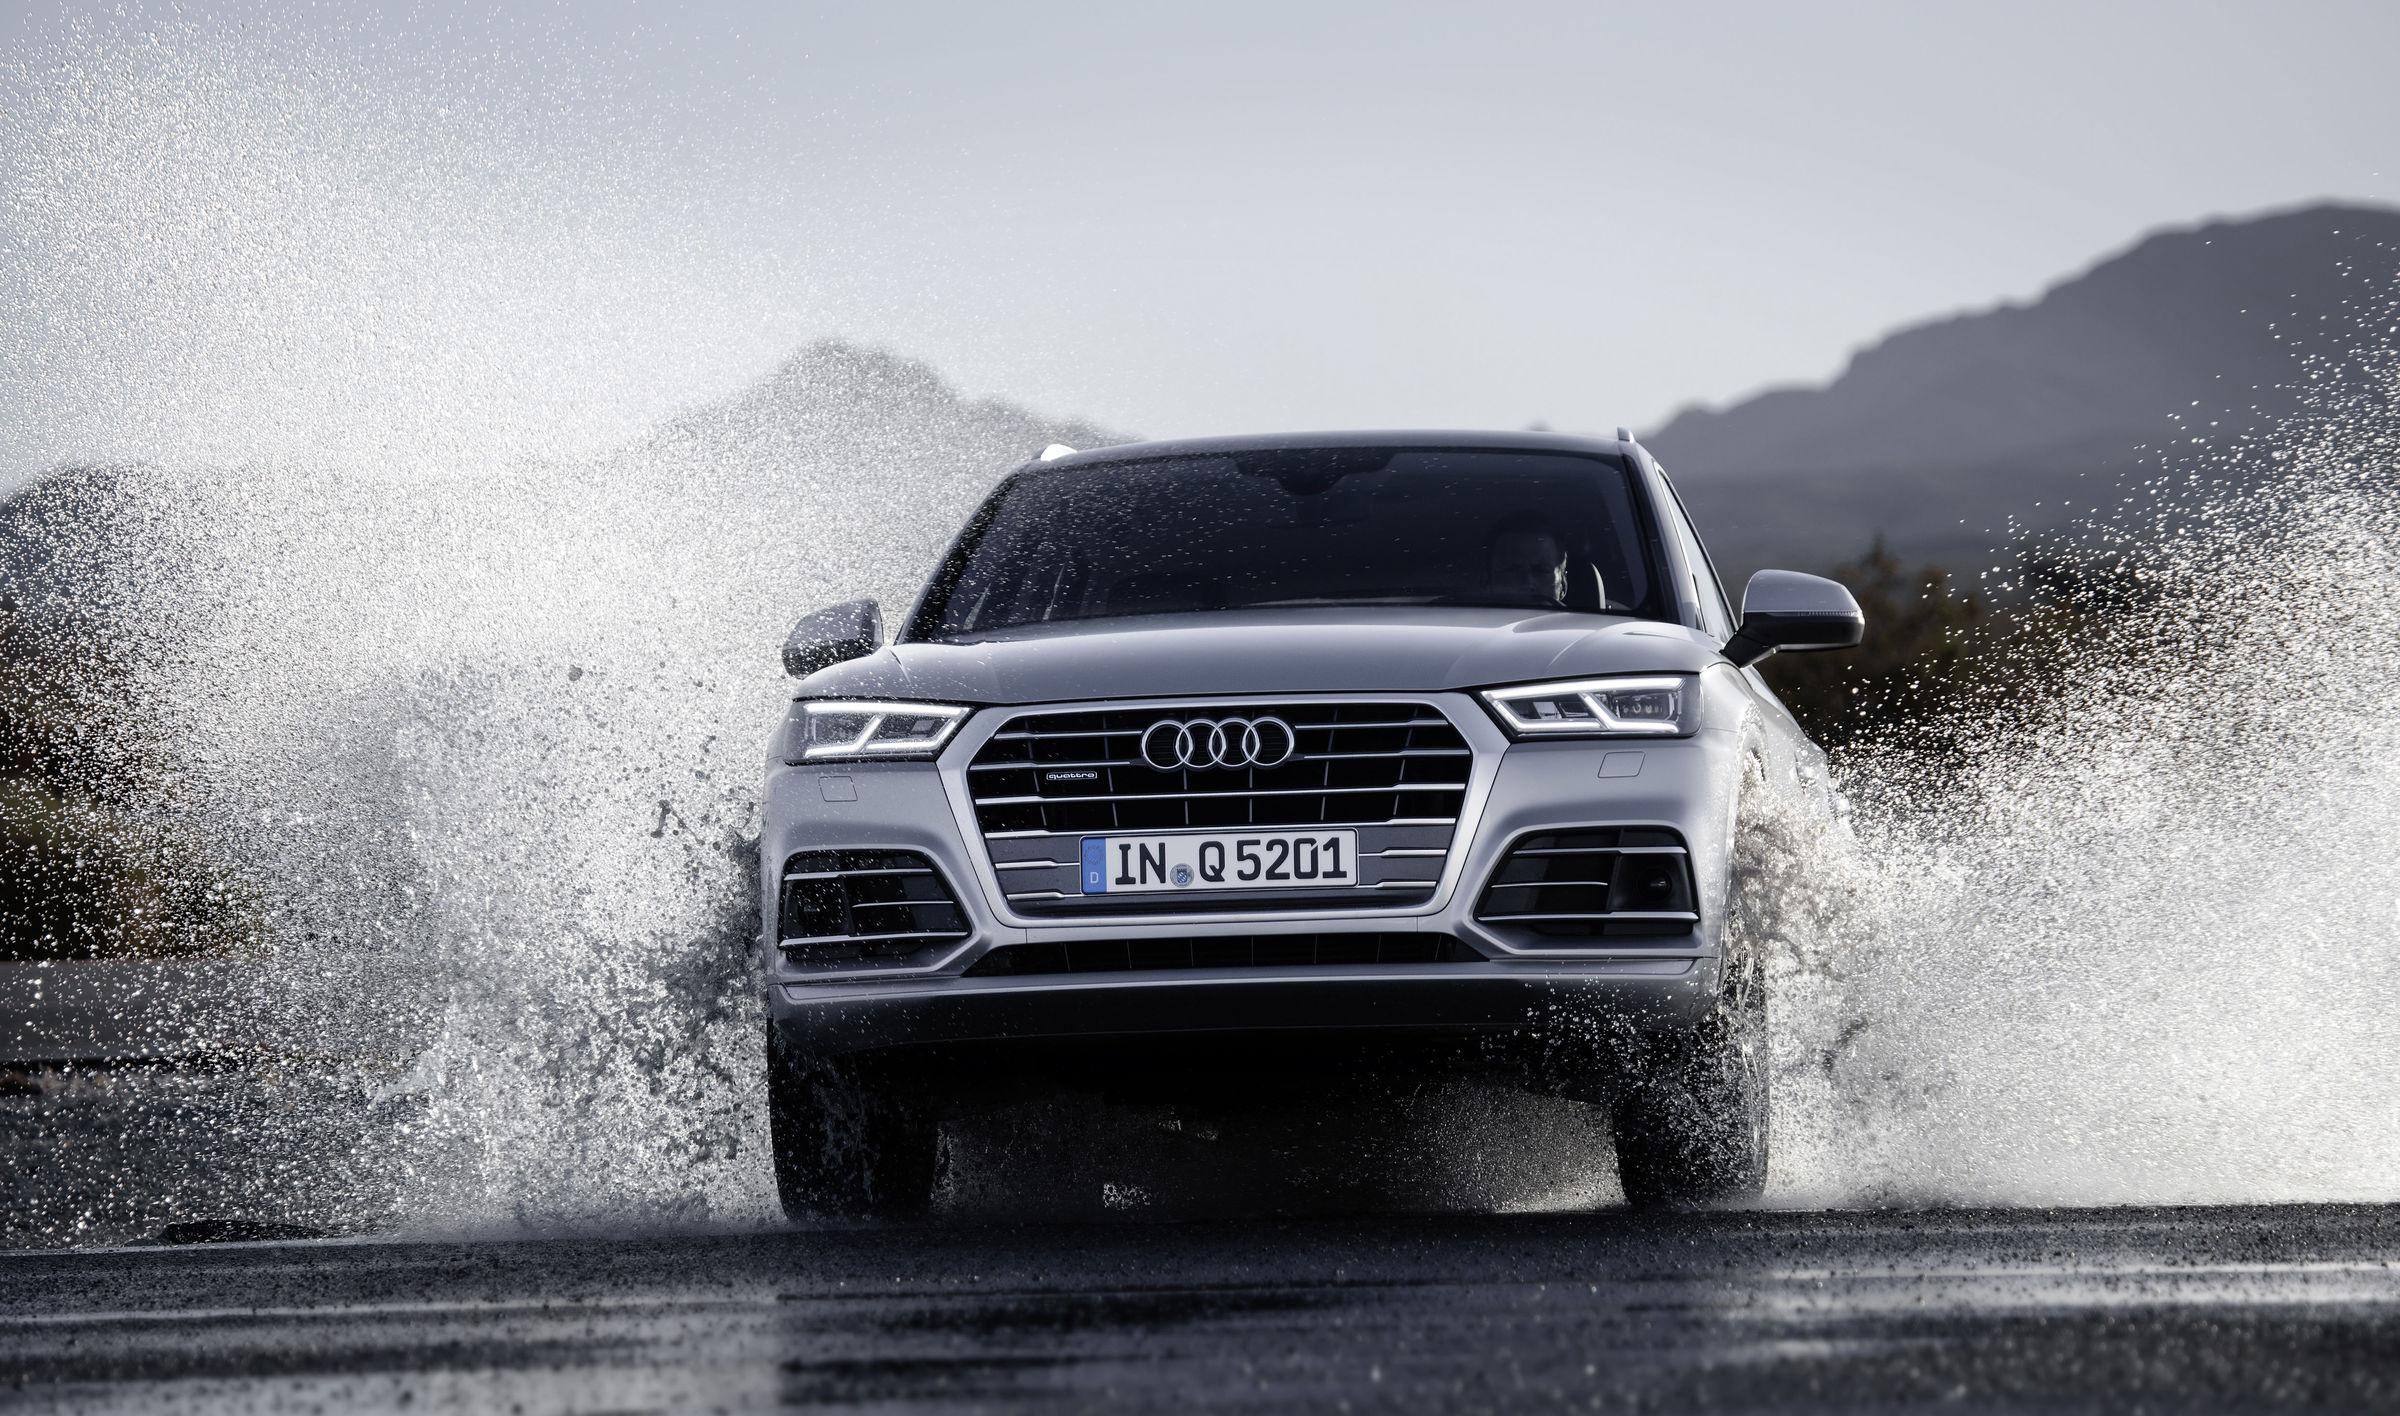 Audi Q5 #Qriosity